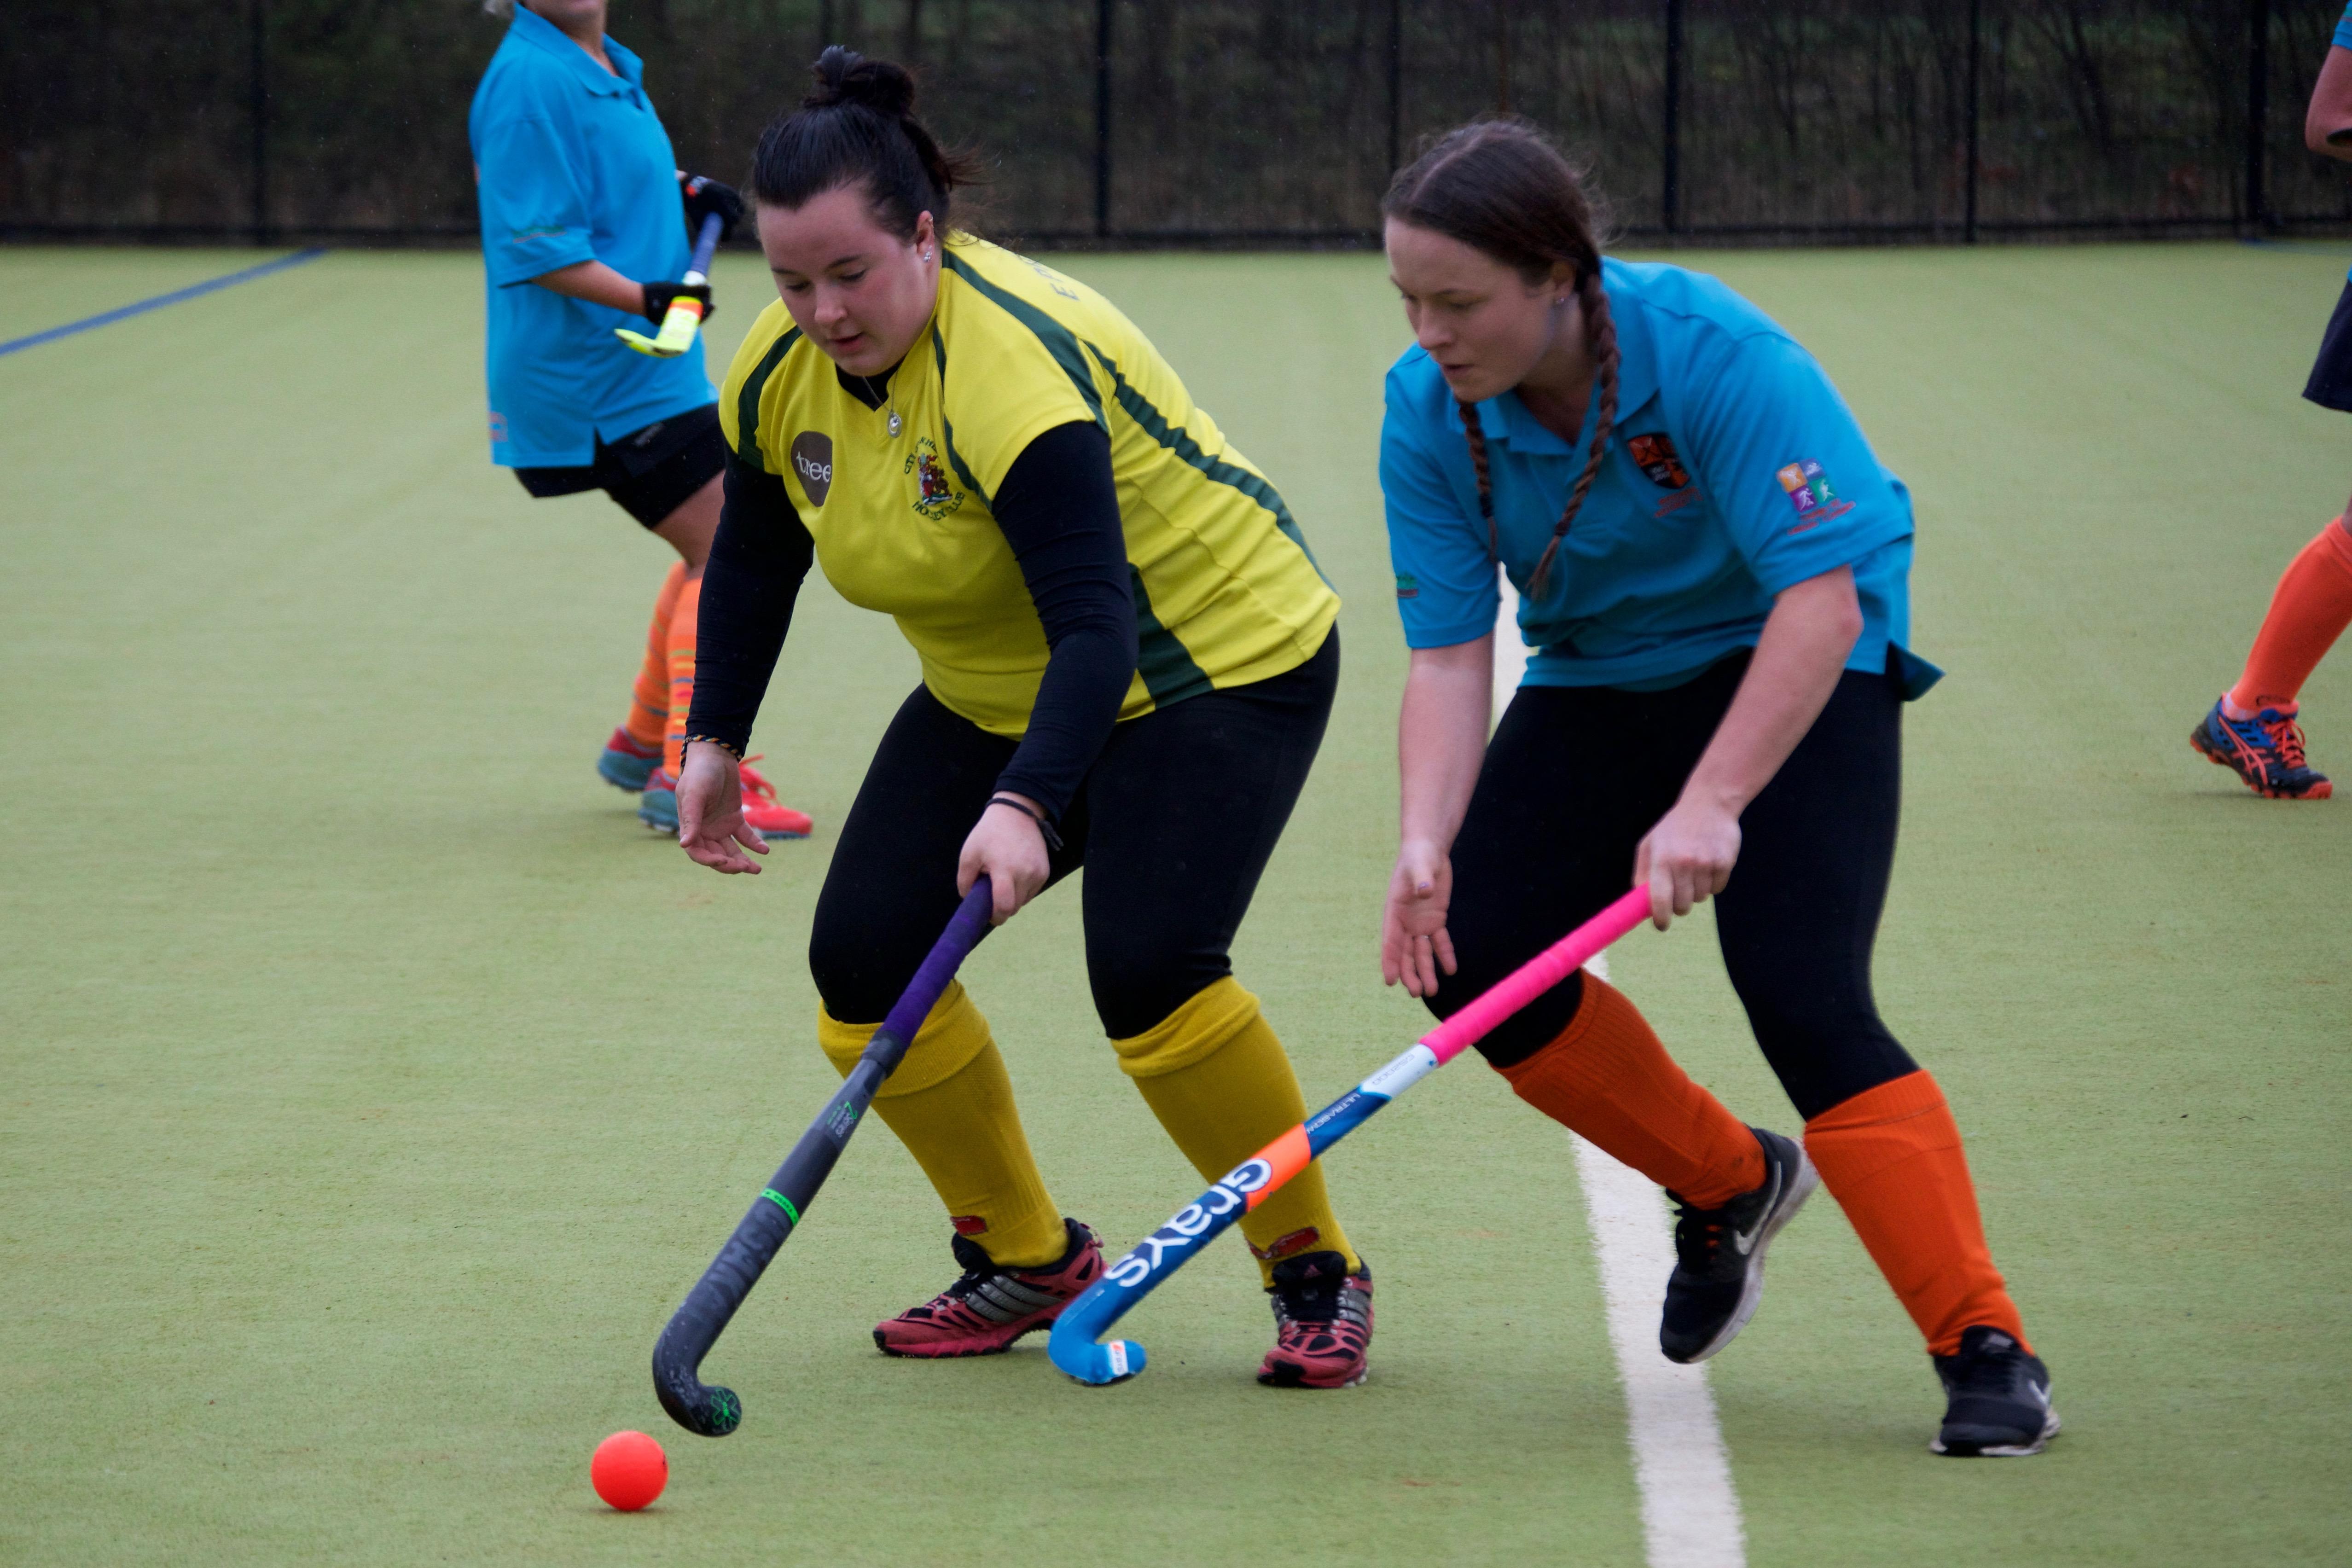 Urmston Ladies 6 v 1 Rochdale Ladies